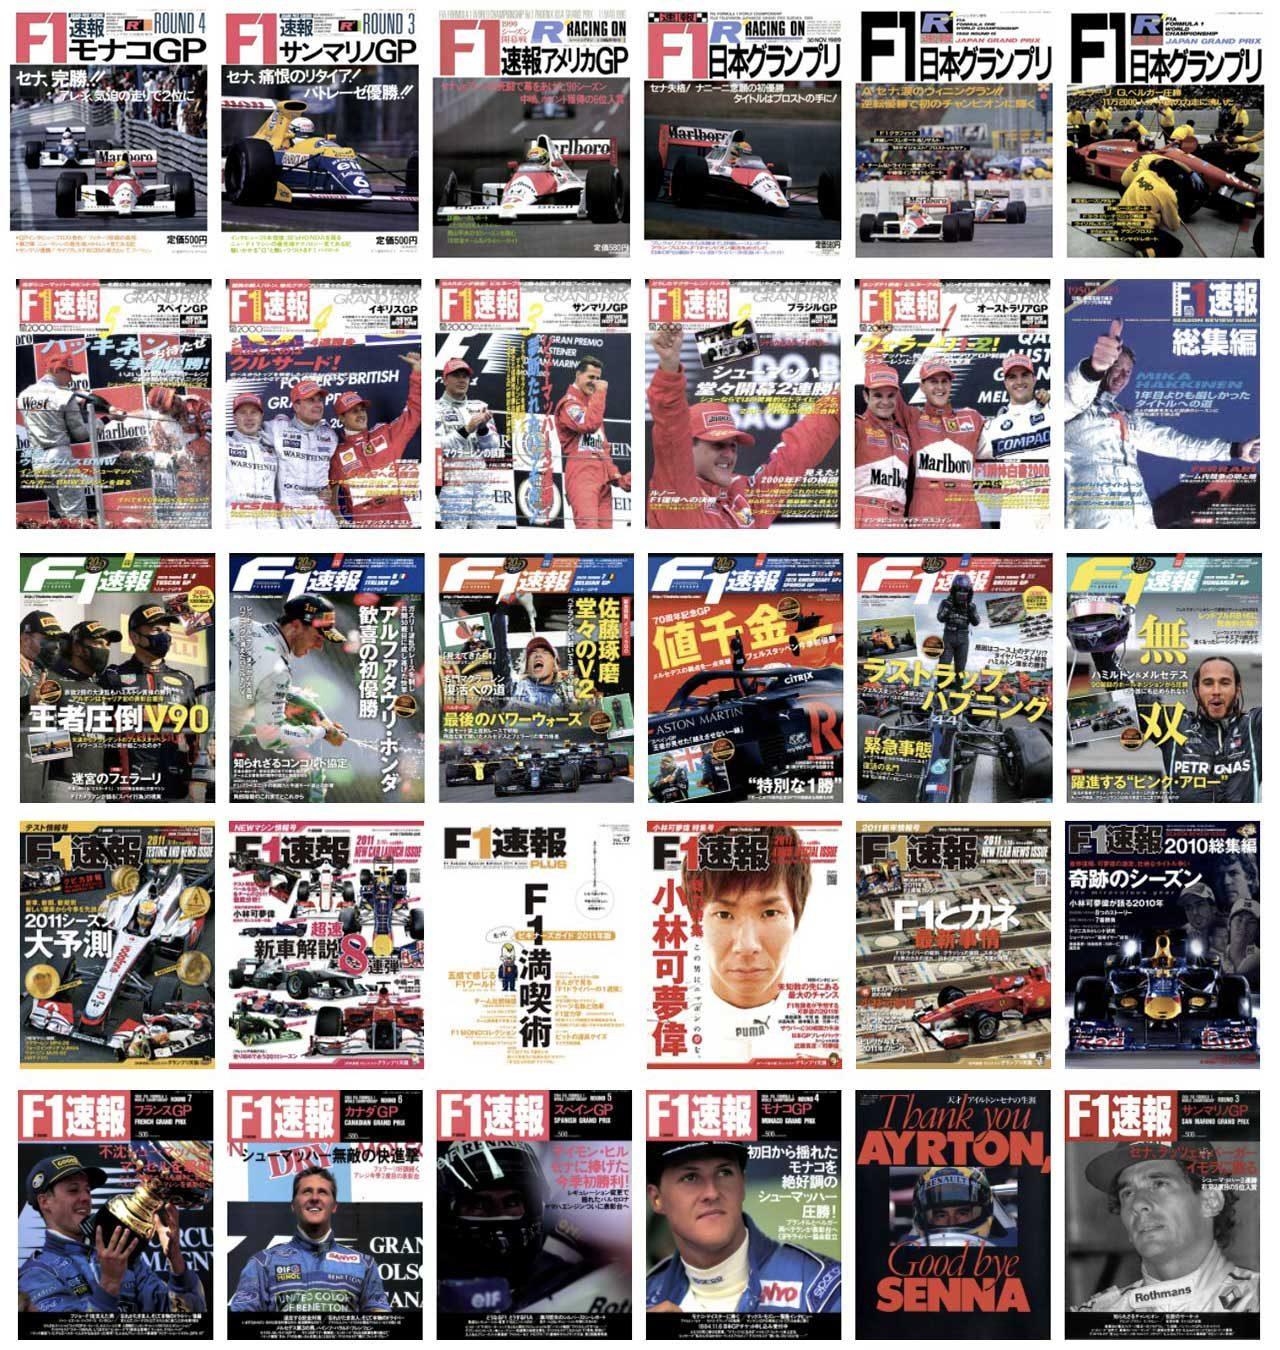 誌面が無料で楽しめる。6月限定で『F1速報』電子版の無料キャンペーンが実施中